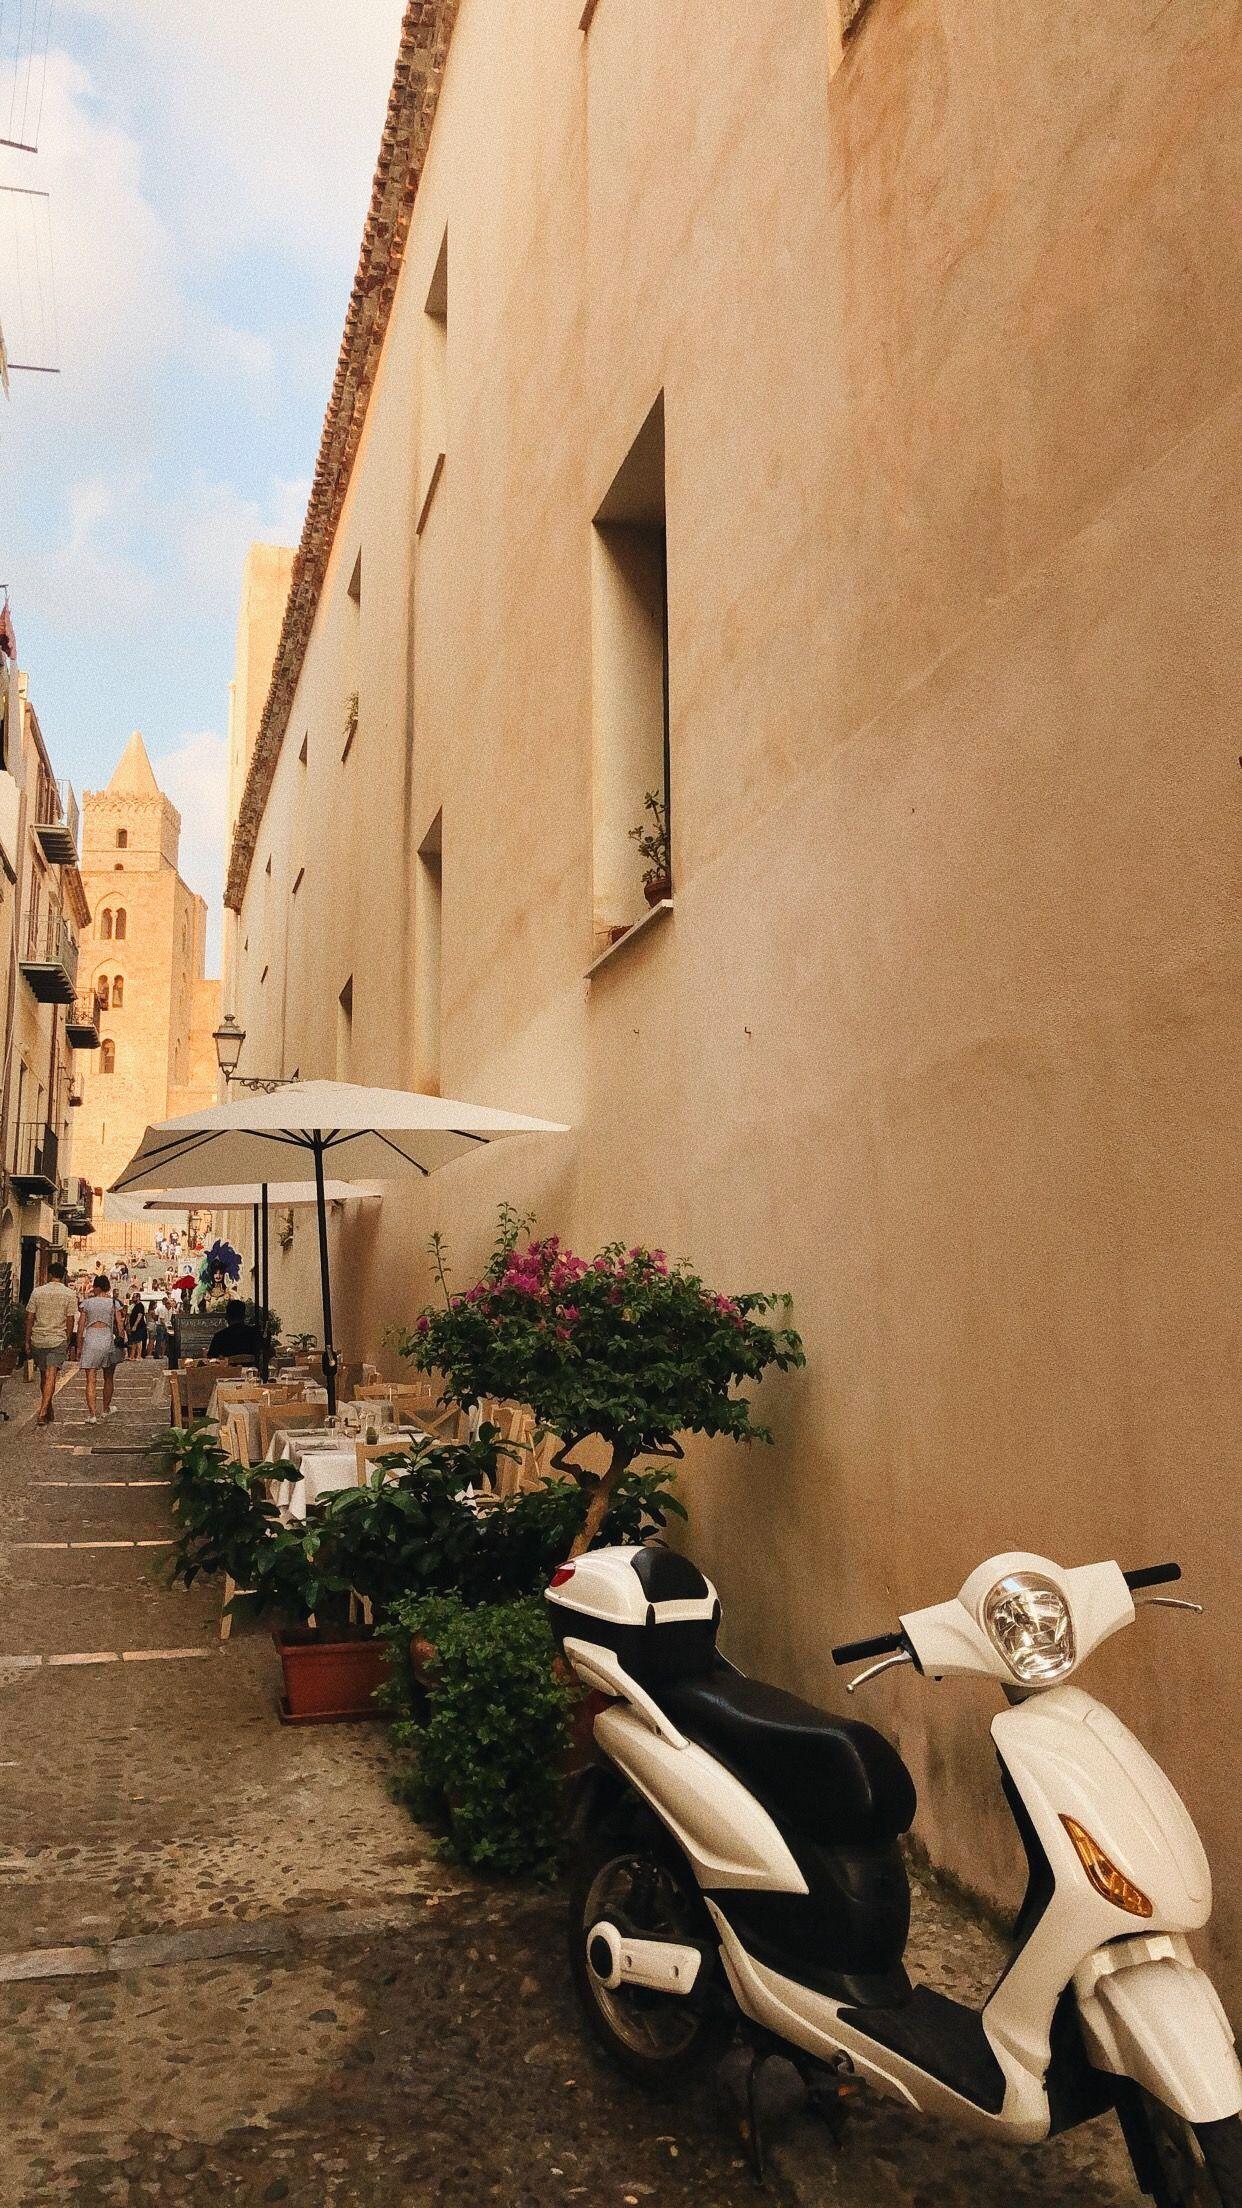 #cefalu #sicilia #sicily #sicilytravel #travel #italy #italytravel #vespa #europe